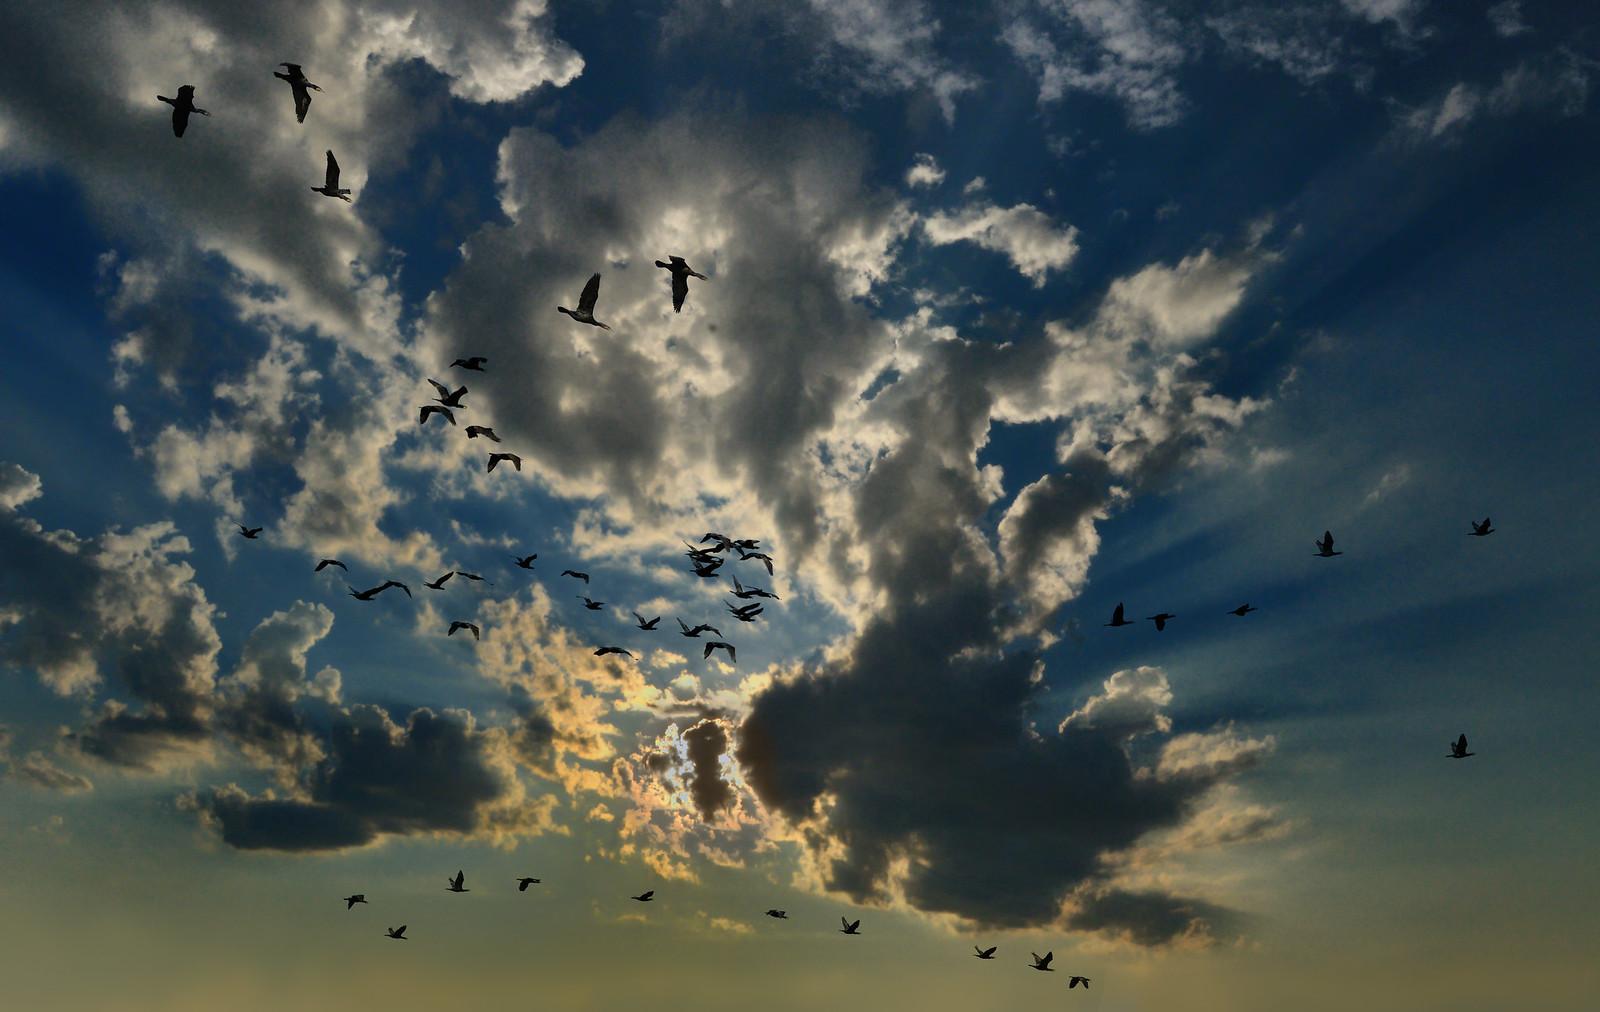 фотограф Челябинск - закат и птицы